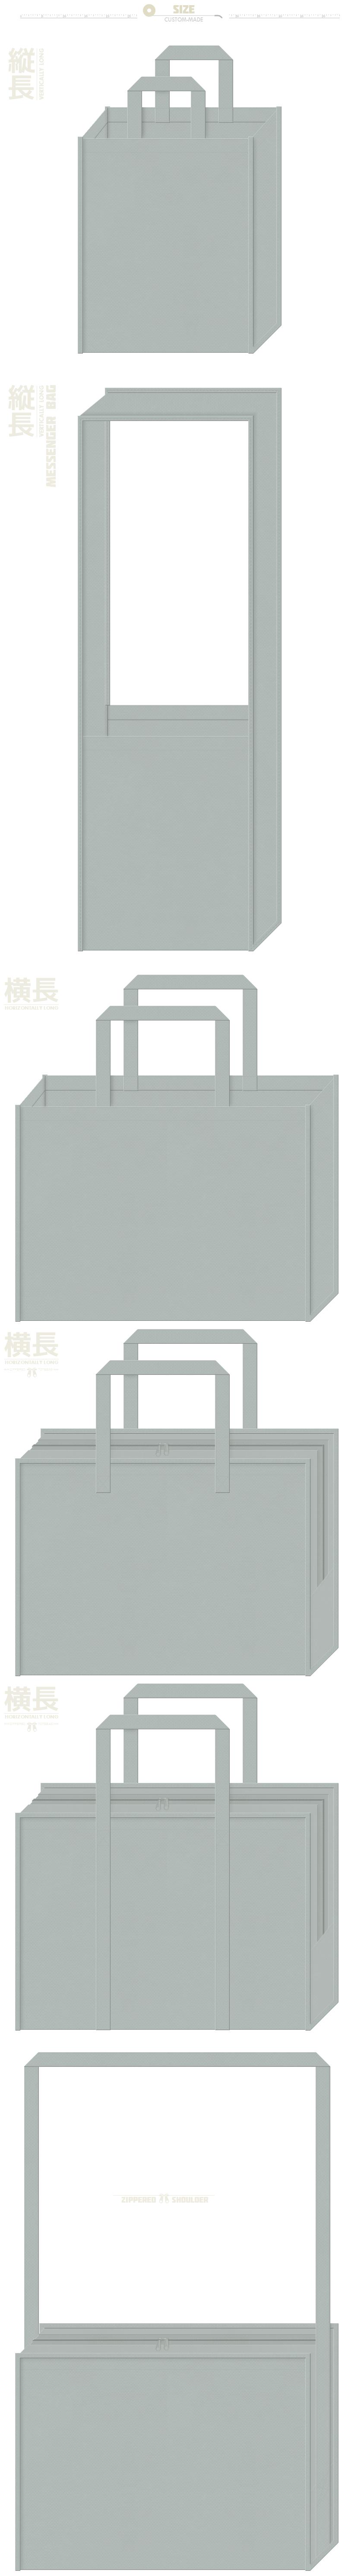 グレー色の不織布バッグにお奨めのイメージ:ロボット・プラモデル・アルミ・鉄・金属・模型・機械・文具・工具・建築・設計・什器・厨房・都市・コンクリート・サイ・ゾウ・ネイルカラー・モノトーン・白黒写真